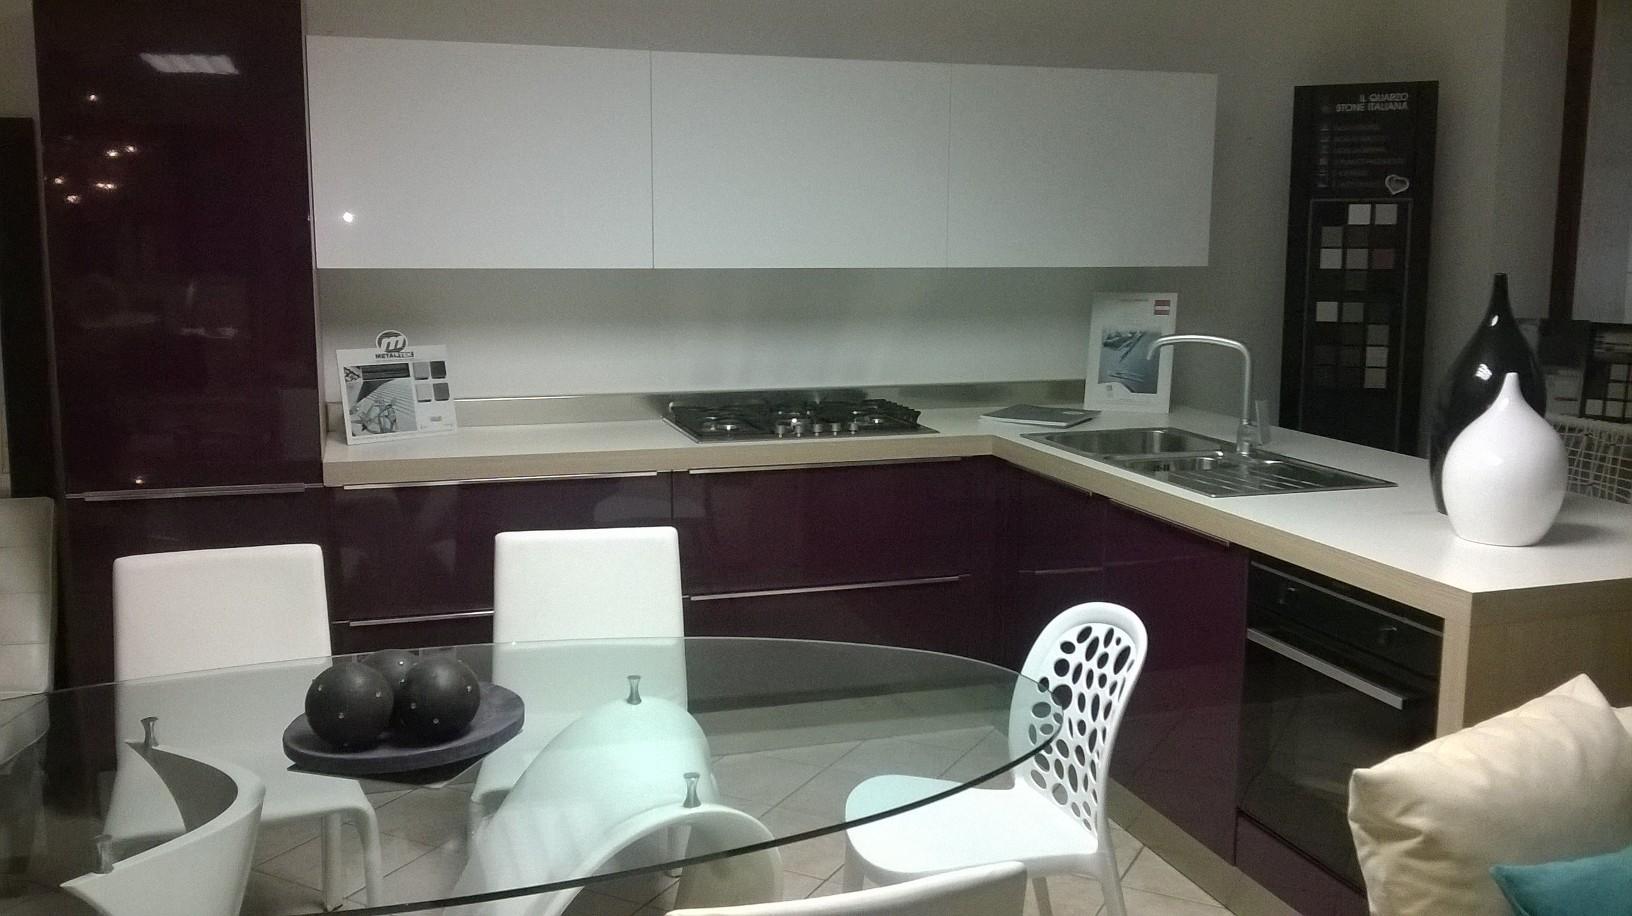 Legno antico rivestimento pareti - Illuminazione cucina moderna ...